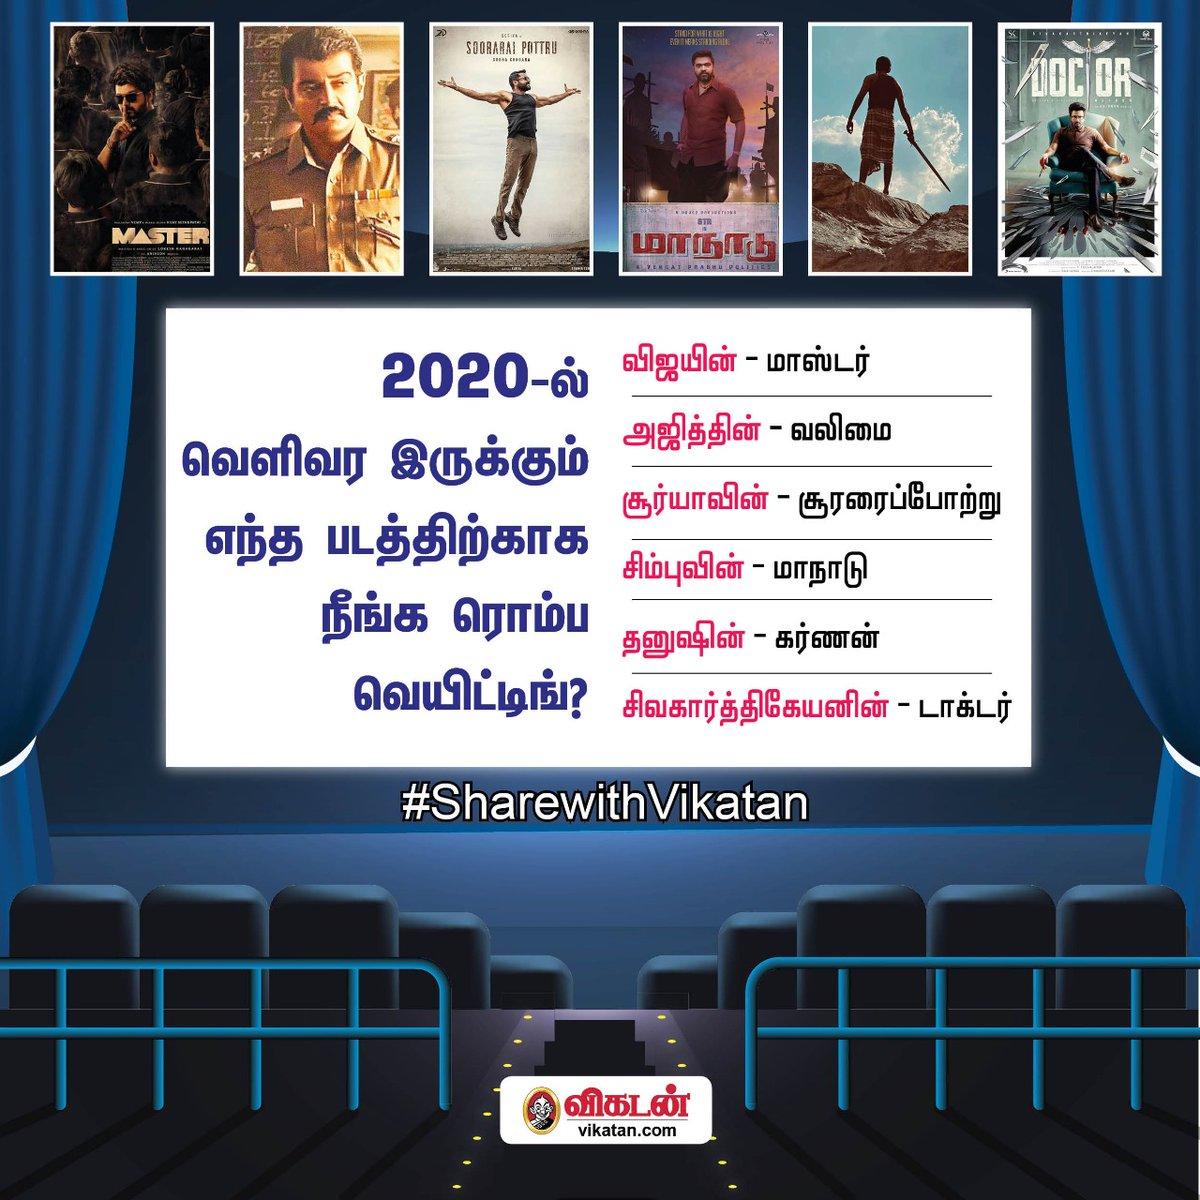 2020ல் வெளிவர இருக்கும் எந்த படத்திற்காக நீங்க ரொம்ப வெயிட்டிங்? 🧐🤔  #Master | @actorvijay #Valimai | #AjithKumar    #SooraraiPottru | @Suriya_offl  #Maanaadu | #Simbu  #Karnan | @dhanushkraja  #DOCTOR | @Siva_Kartikeyan   #SharewithVikatan | #Movie